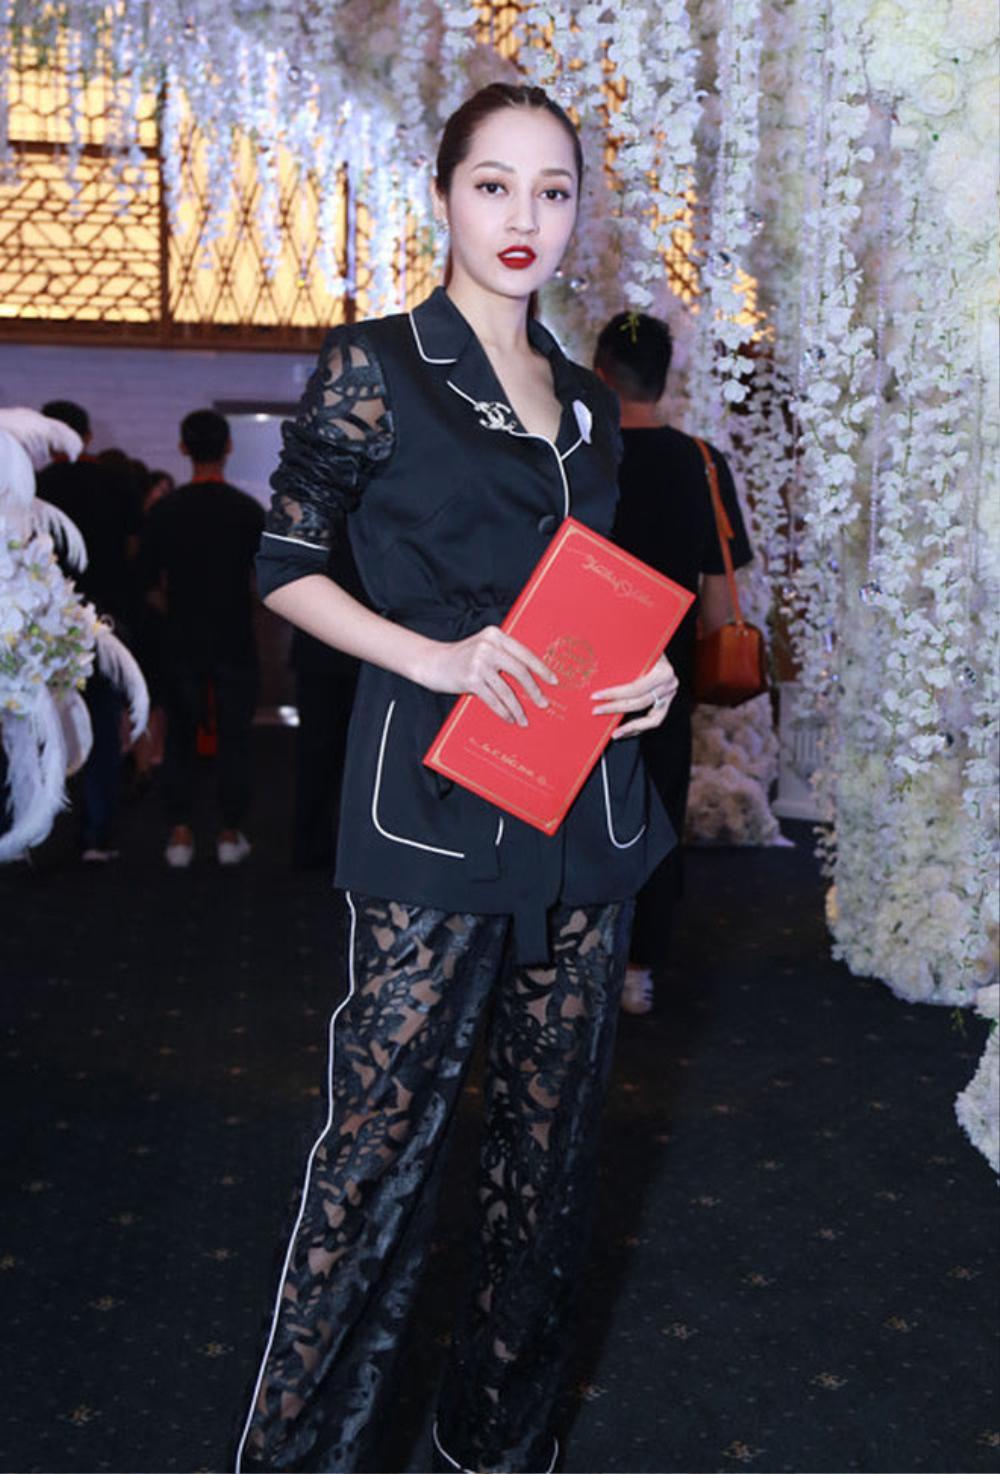 Sao Việt bị la ó vì mặc quá nổi tại đám cưới, riêng Thủy Tiên được khen dù 'lấn át' cô dâu Ảnh 3